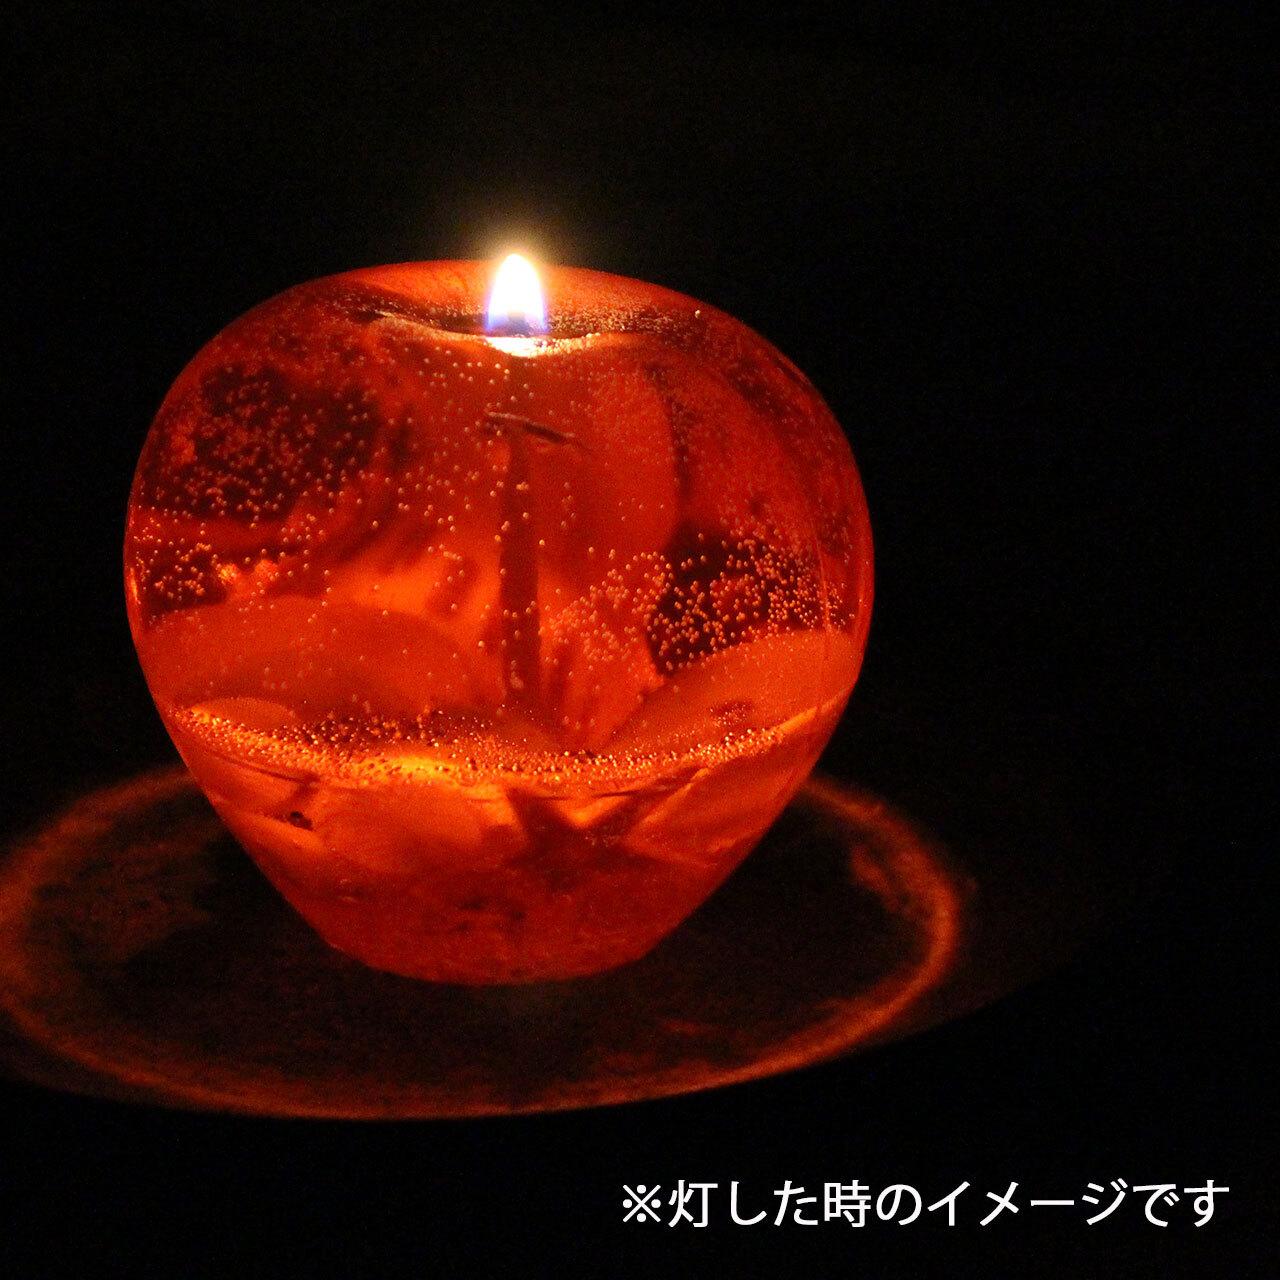 りんごのマリンジェルキャンドル RJ003